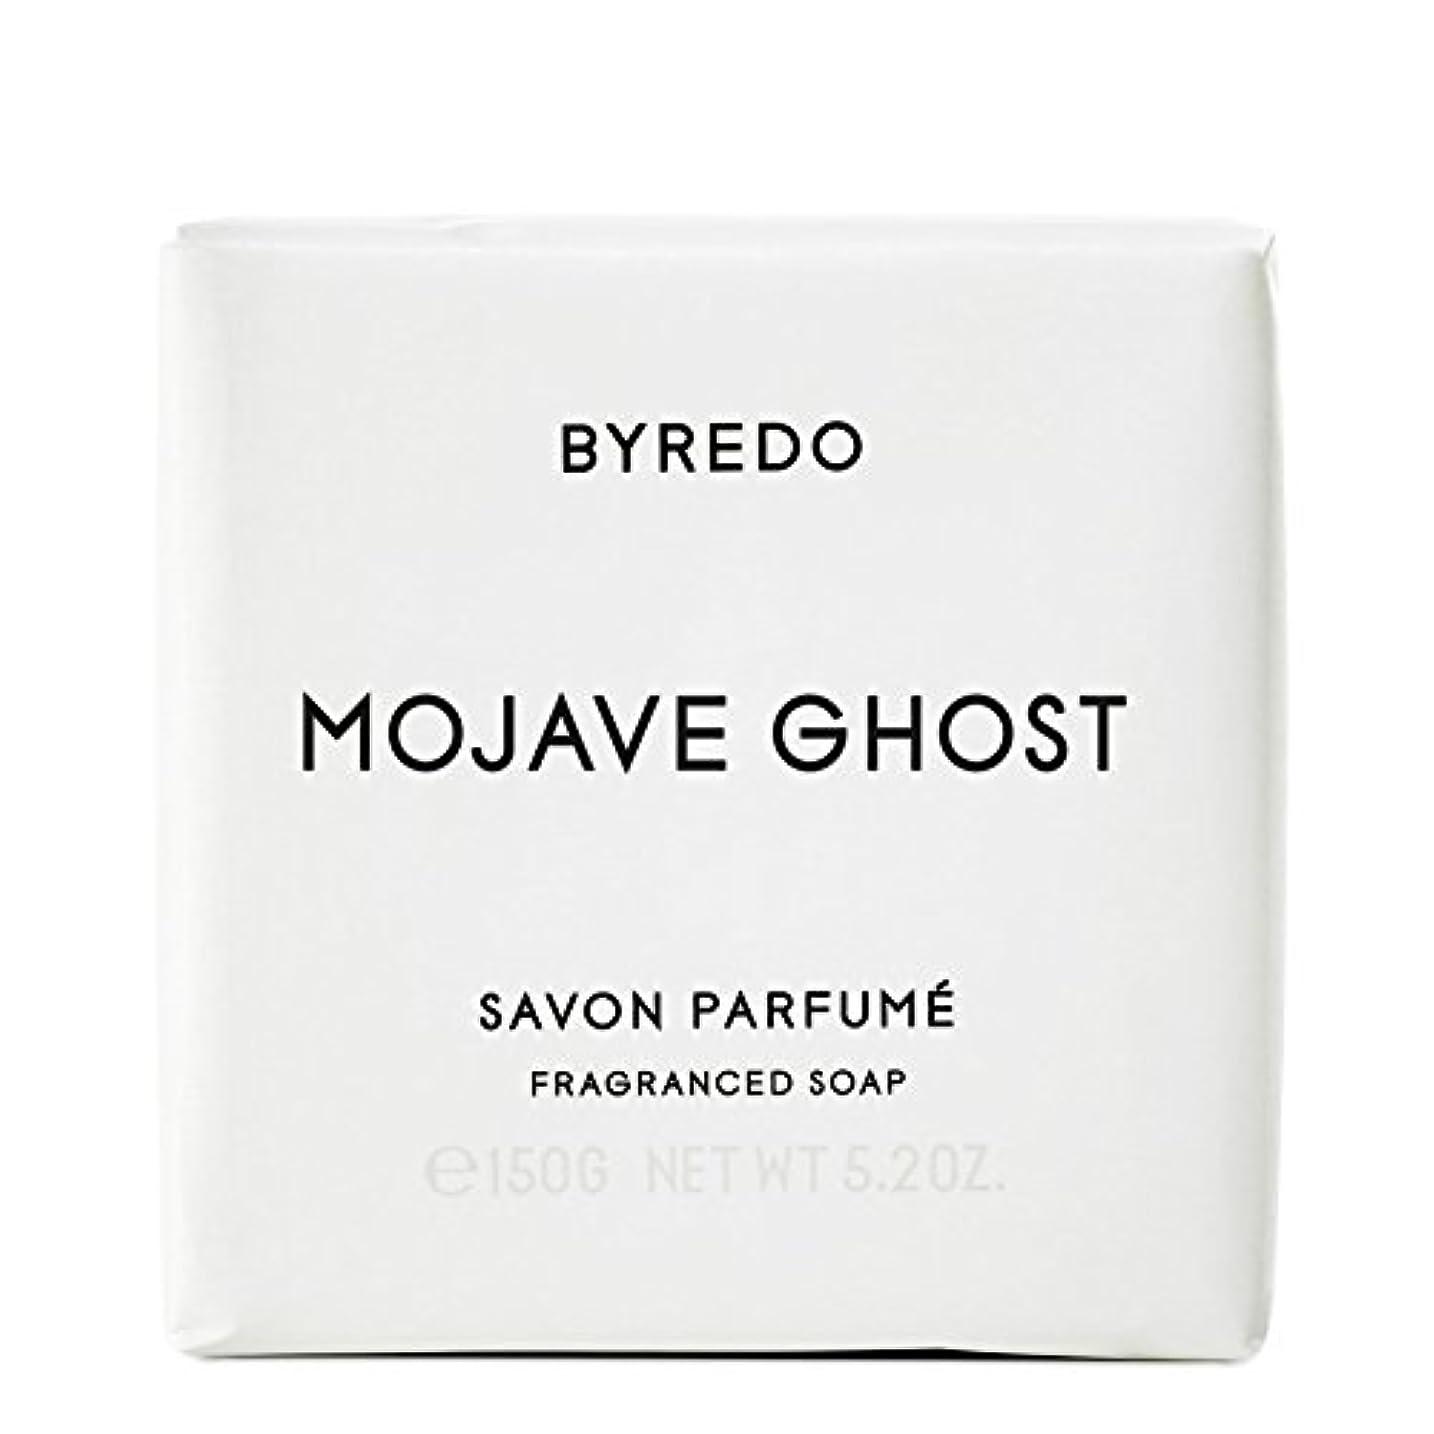 持続的グリップボートByredo Mojave Ghost Soap 150g - モハーベゴースト石鹸150グラム [並行輸入品]